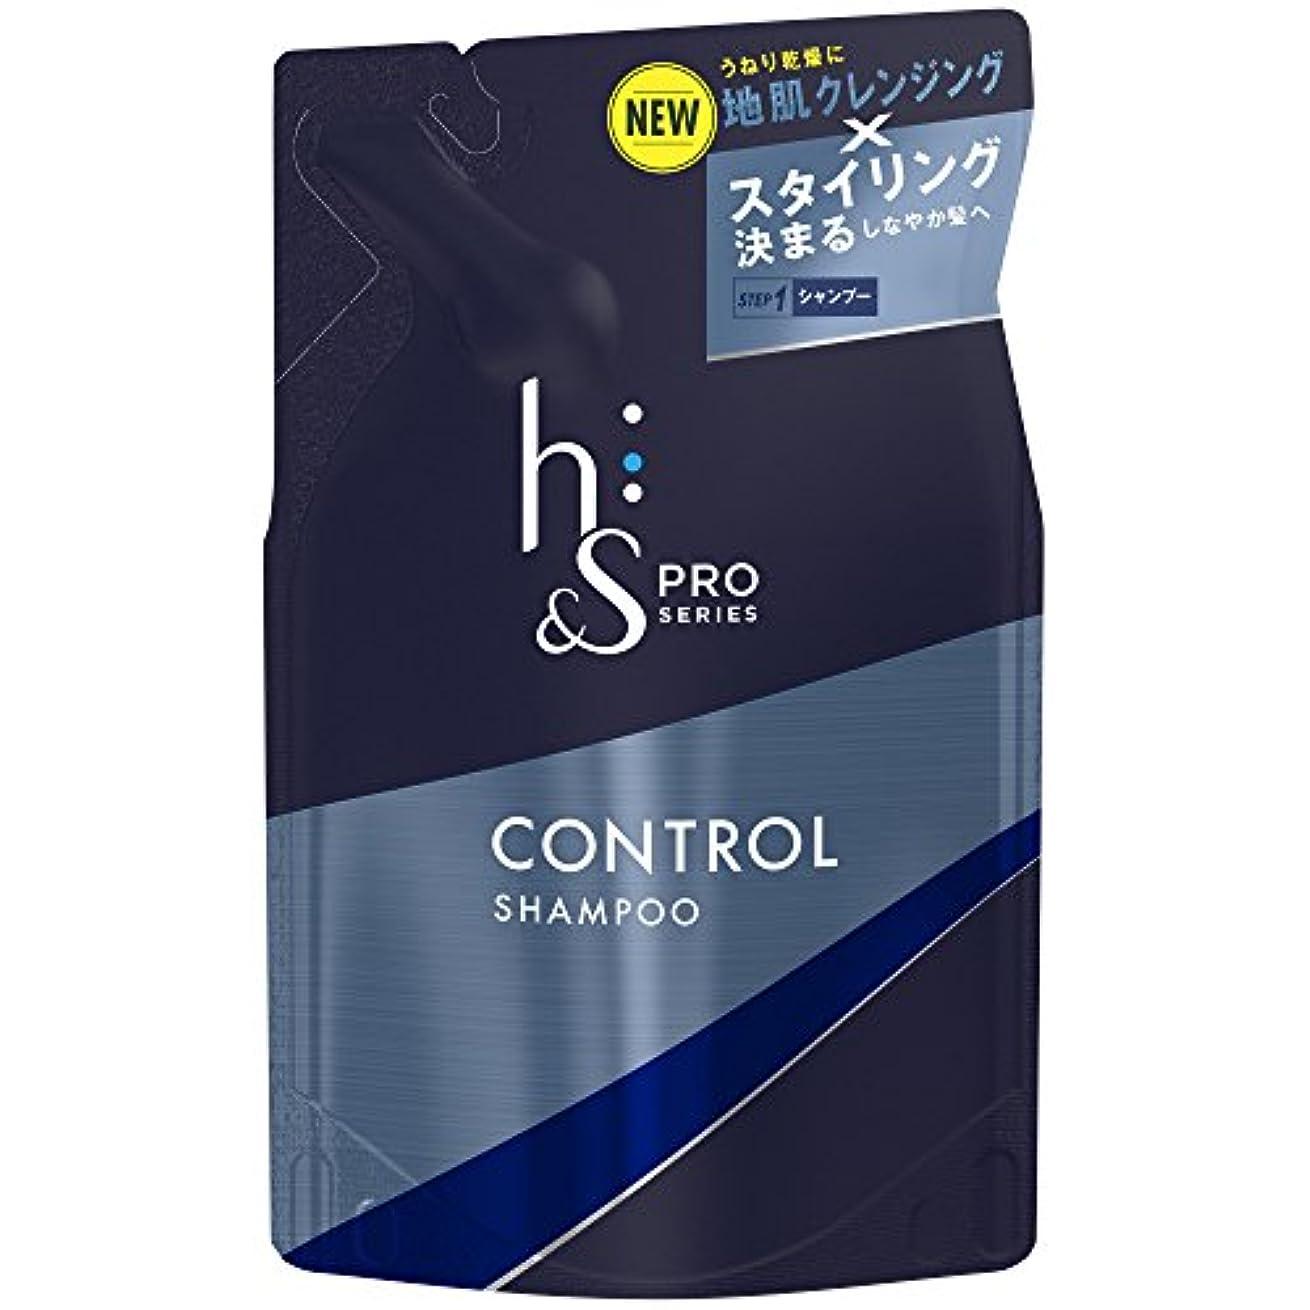 離れた現金違法h&s シャンプー PRO Series コントロール 詰め替え 300mL